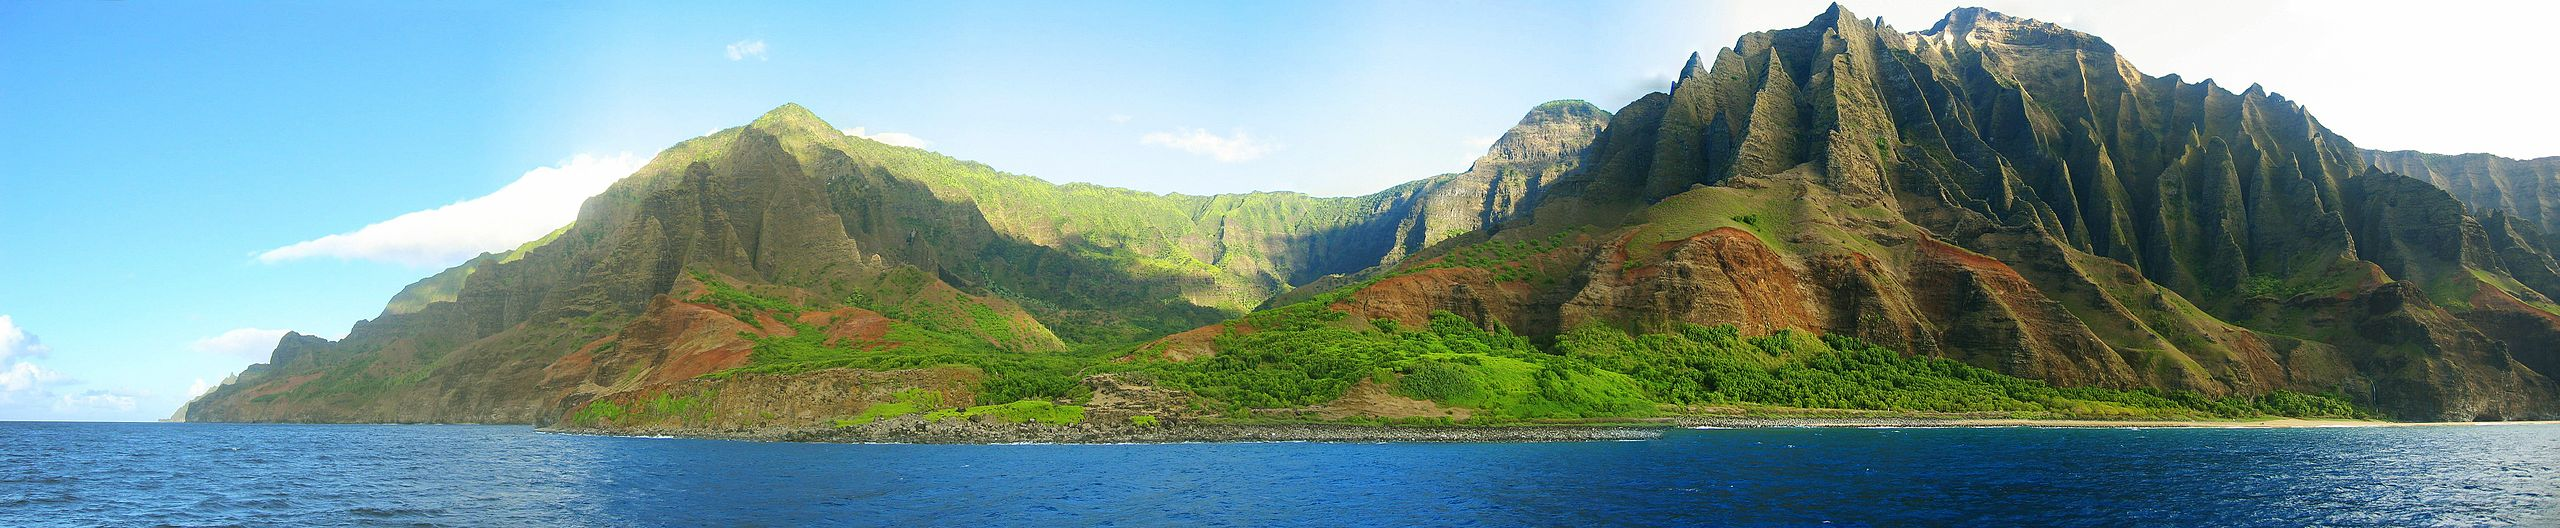 Ile Kauai